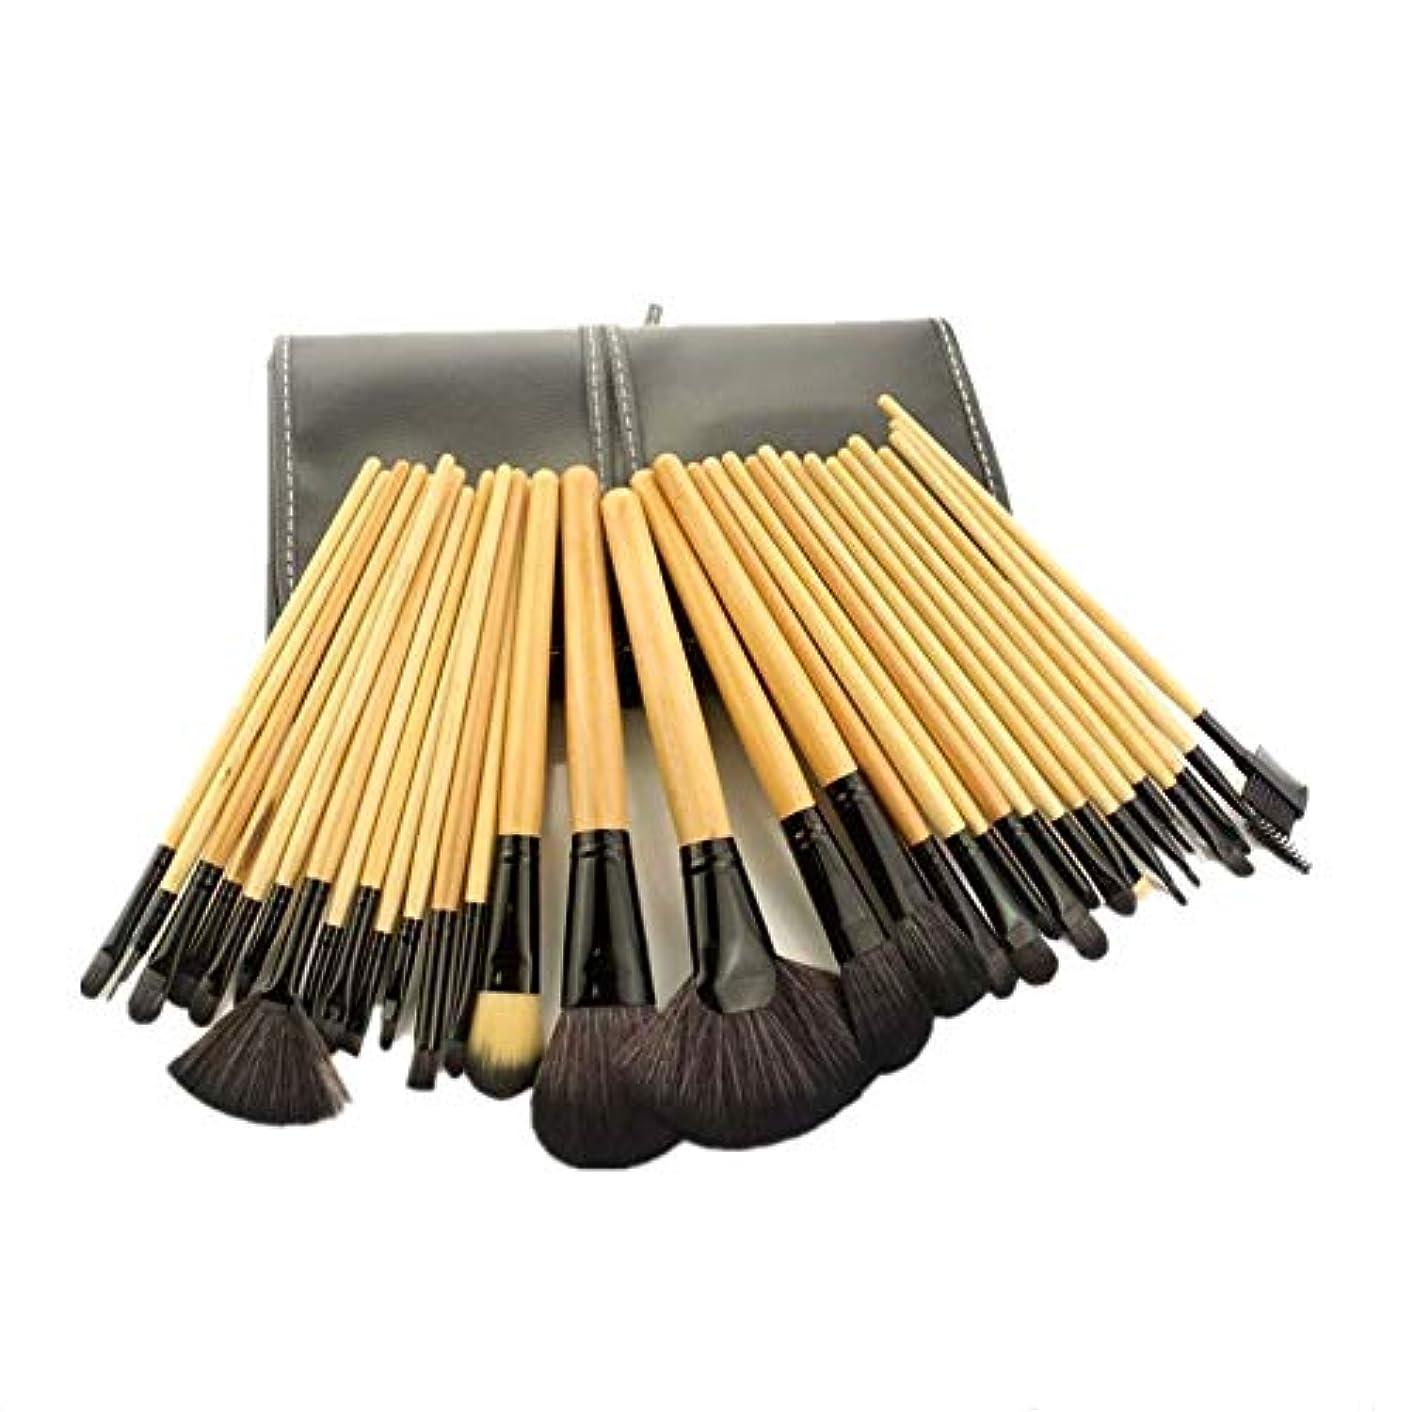 汚れる毒液ラッシュメイクアップブラシ、32ピースナチュラルヘア、プロフェッショナルメイクアップブラシナチュラル木製ハンドルブラック/ブラウン